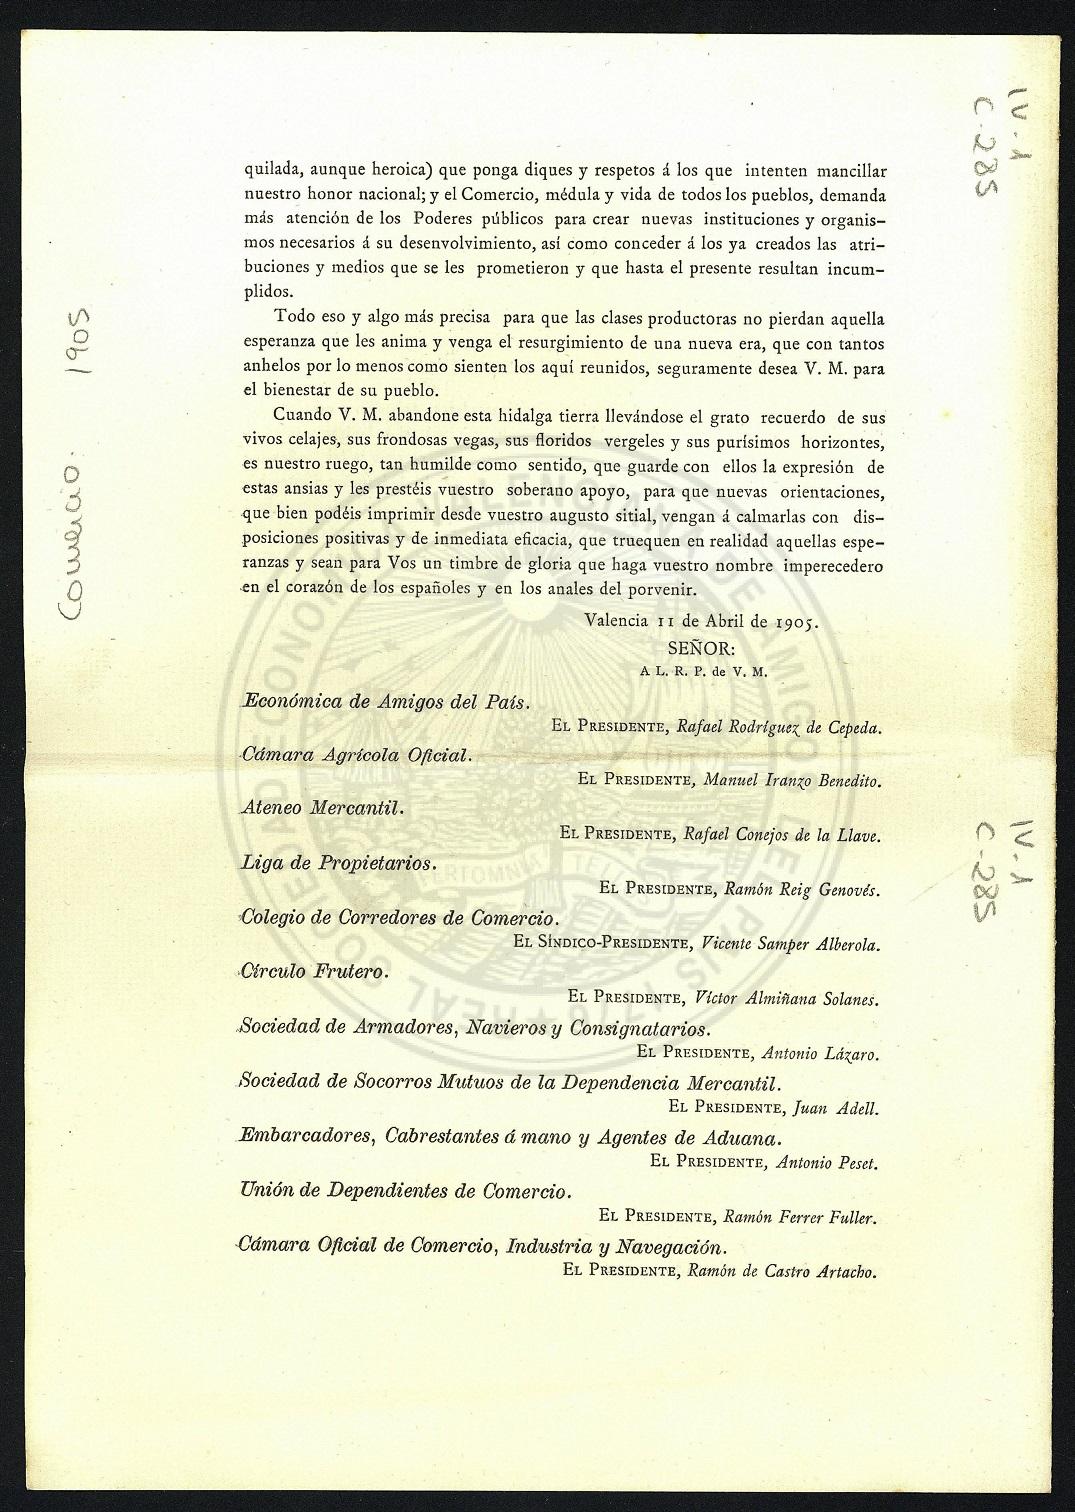 Página 3: Discurso lanzado a Su Majestad el Rey Alfonso XIII el 11 de abril de 1905 en la Lonja. Fuente: riunet.upv.es